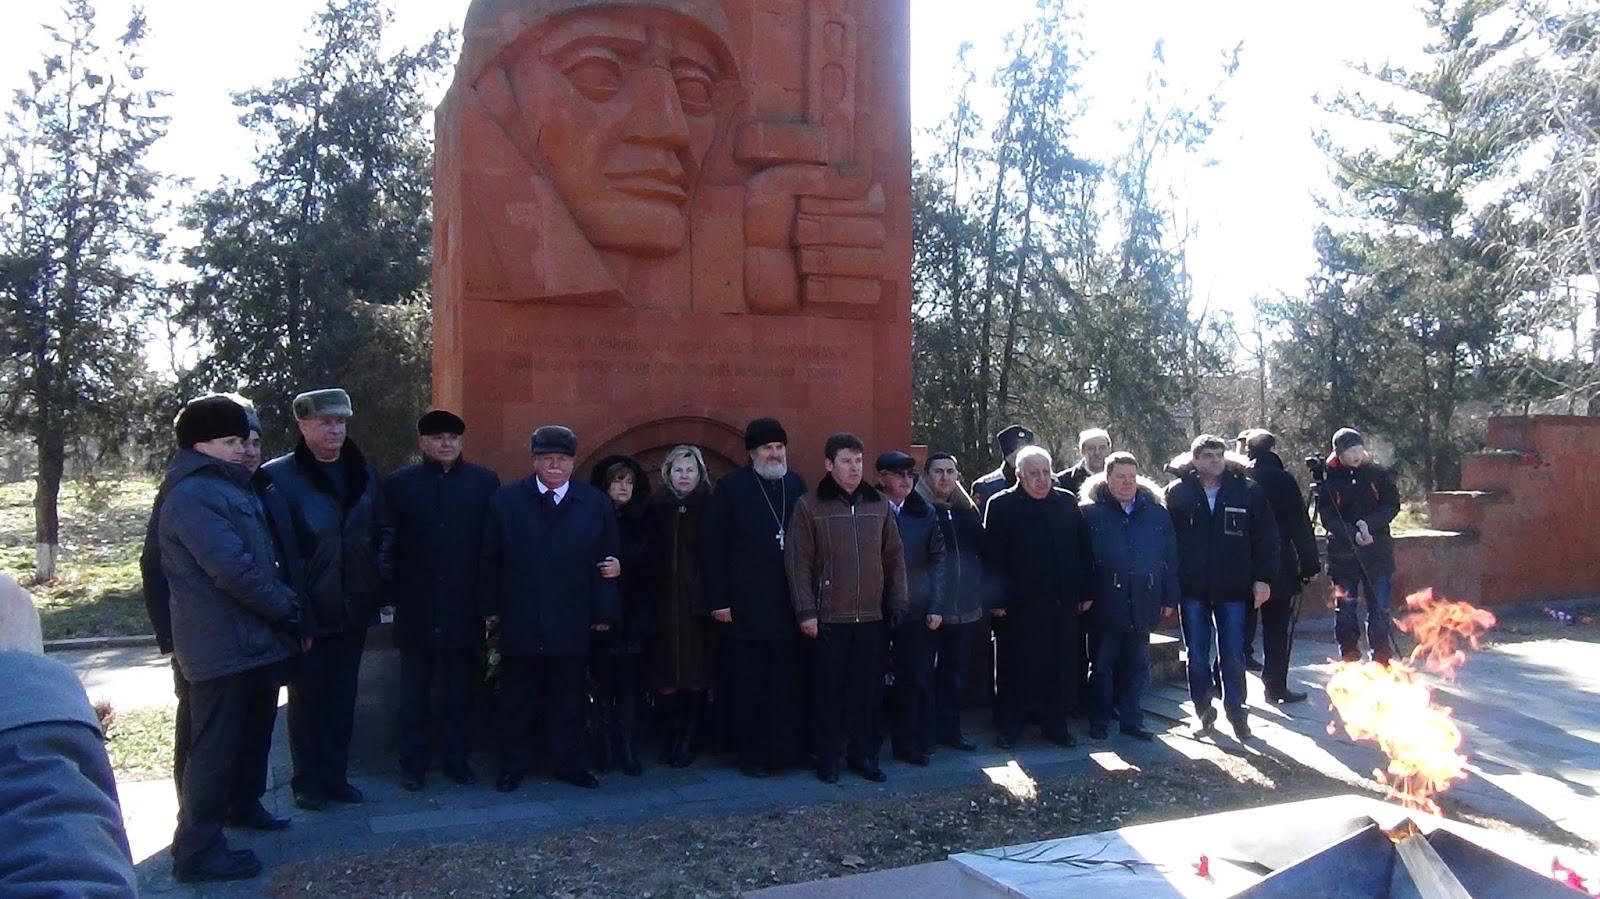 Картинки по запросу Станица Сергиевская. Мероприятия в память об Армянской дивизии